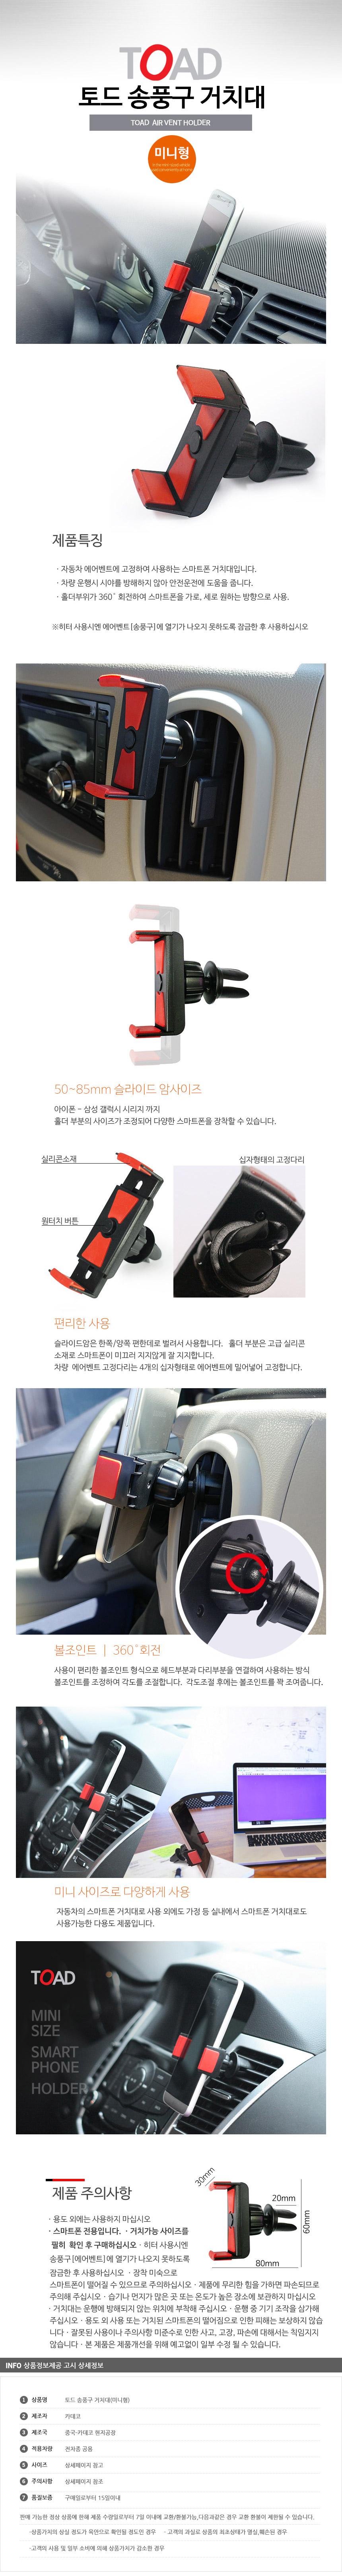 토드 송풍구 거치대 핸드폰거치대 차량용품  자동차용품